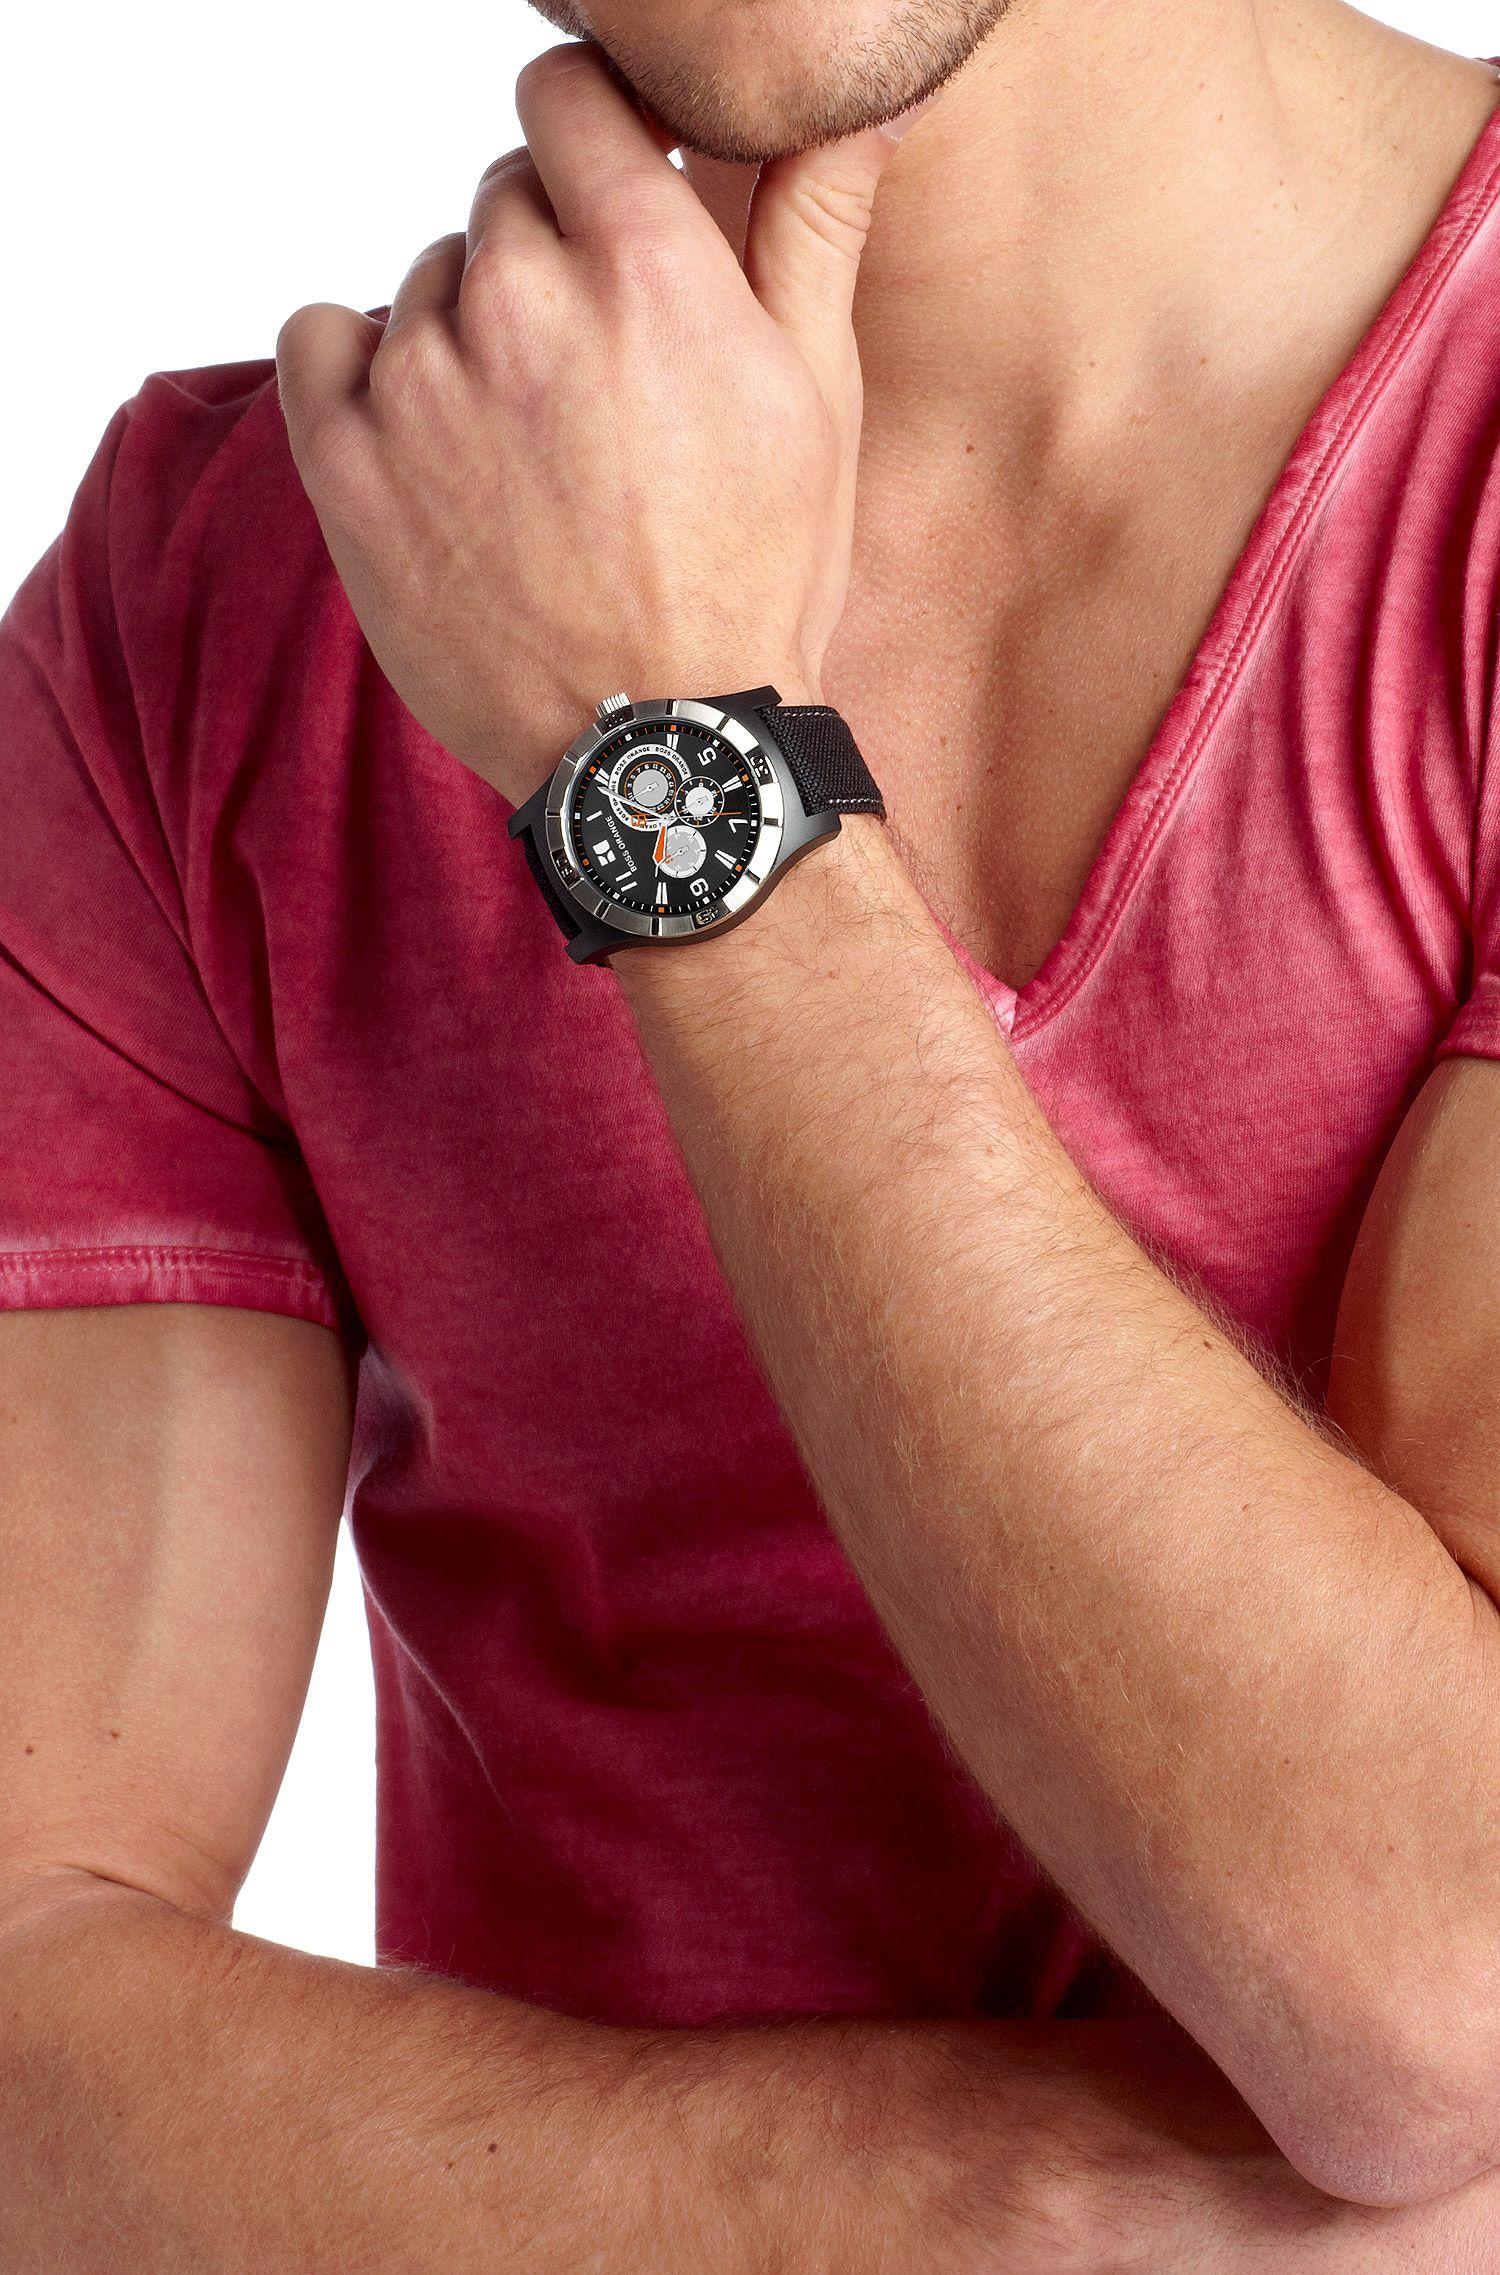 Montre multifonctions à bracelet en nylon, HO225